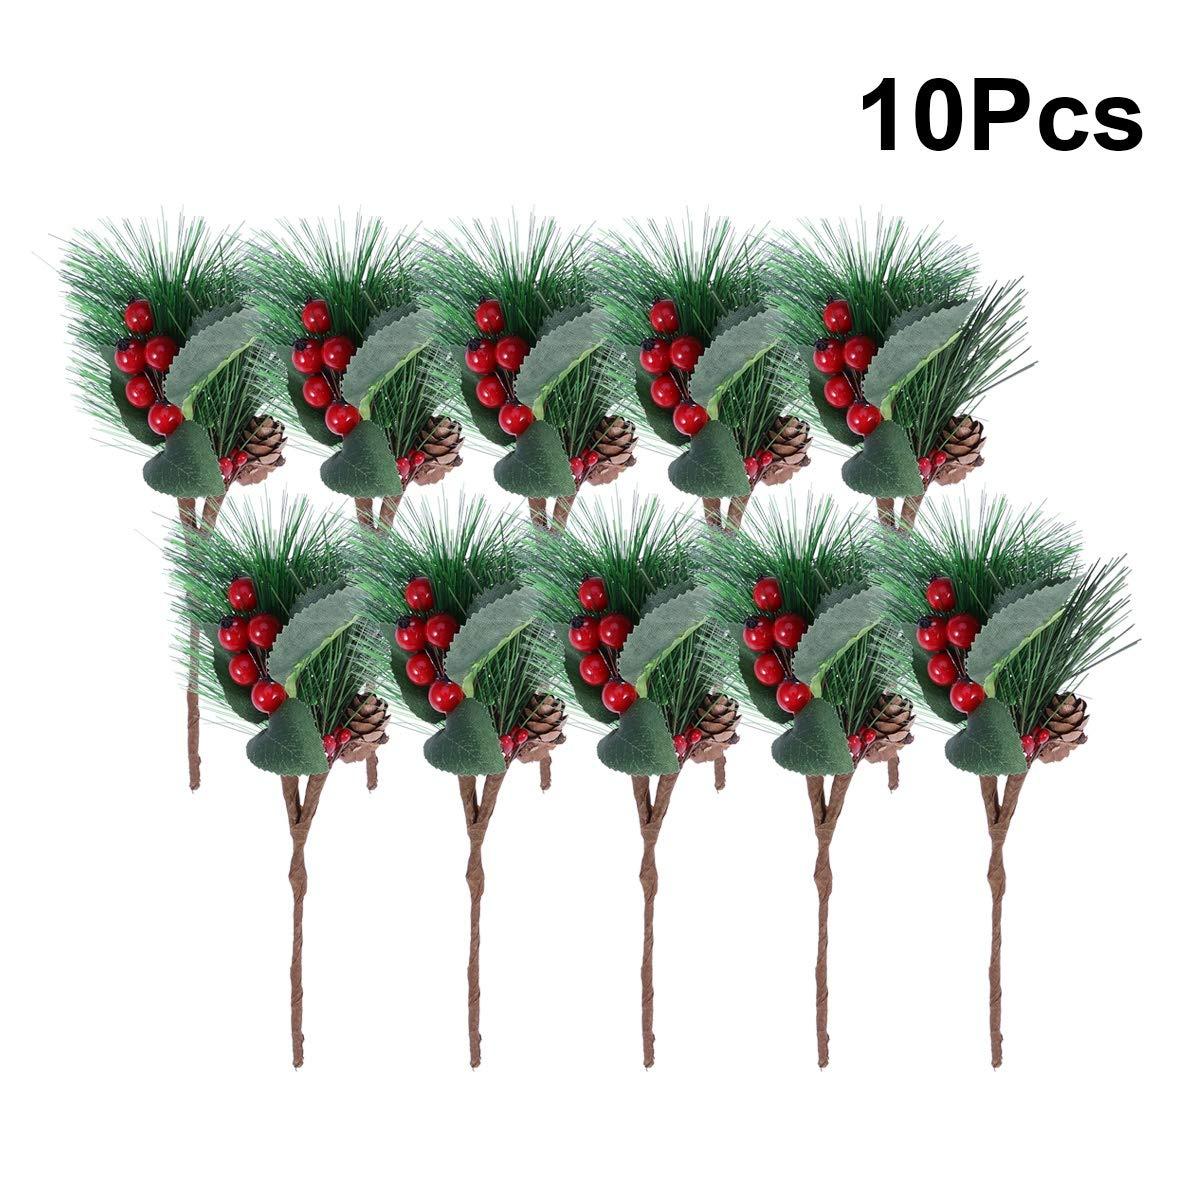 10 Ramas de Pino de Tallos de Bayas Ramas Artificiales de /Árbol de Pino con 6 Adornos de Copo de Nieve Decoraci/ón de Palillos de Bayas de Navidad Rama Artesanal de Conos de Pino Artificial